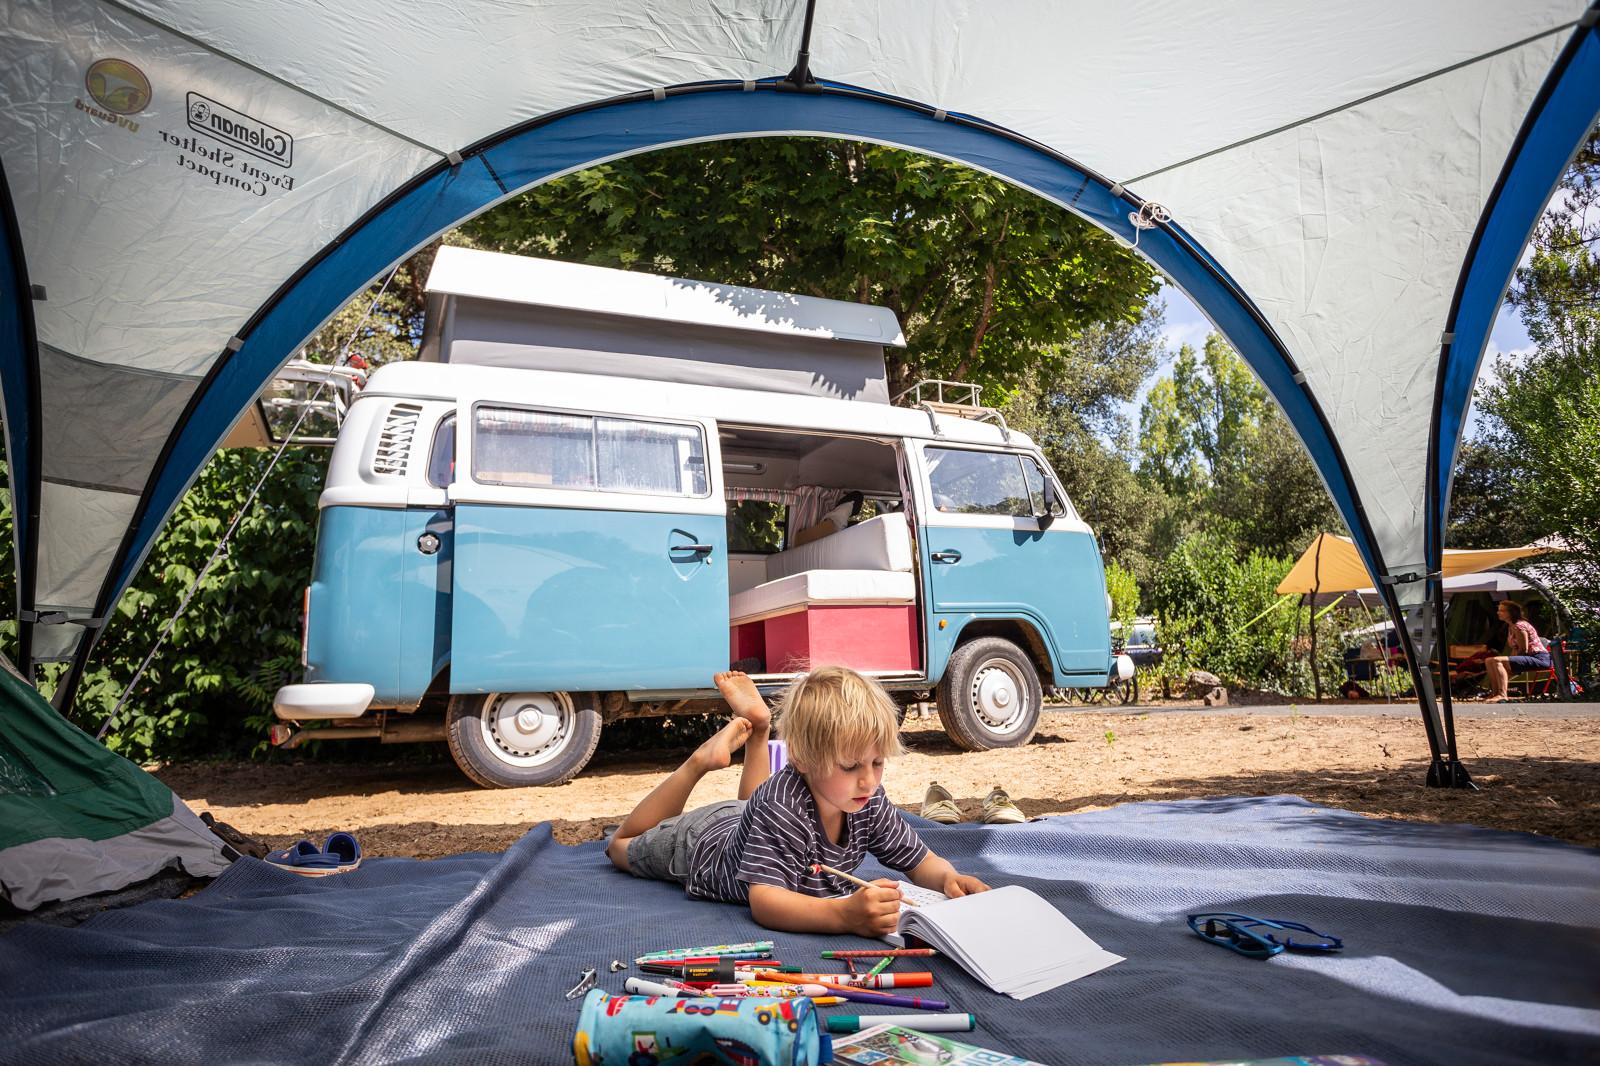 Camping Huttopia Chardons Bleus, Sainte-Marie-de-Ré, Charente-Maritime